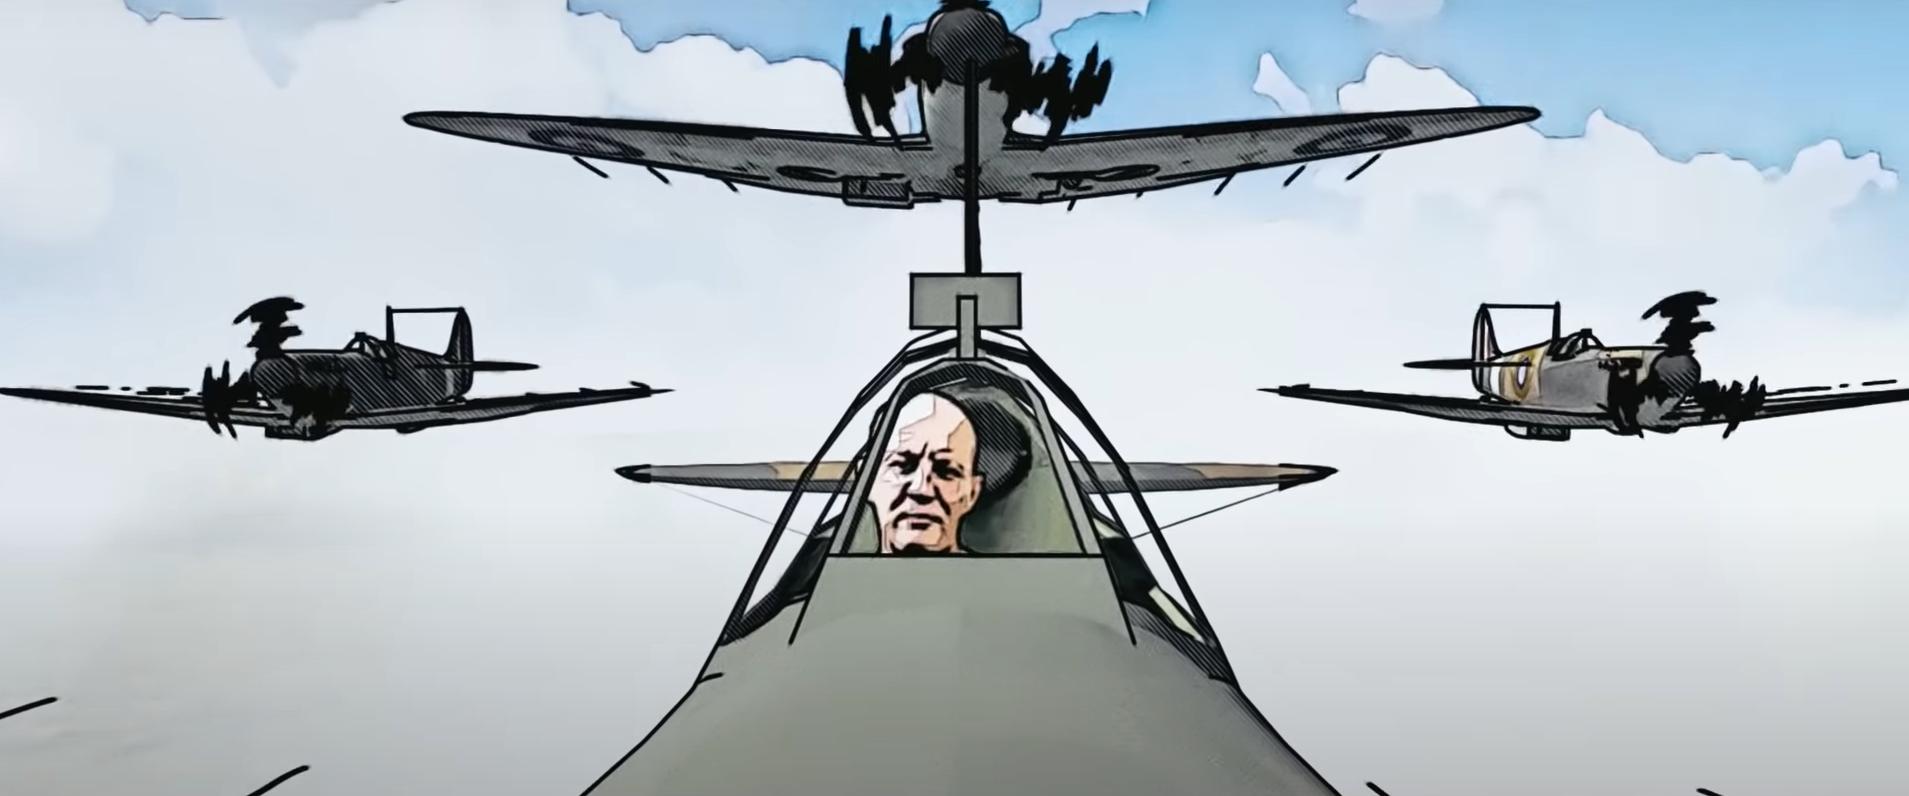 Bosski Roman wkreskówkowym samolocie uczy Brytyjczyków historii Polski